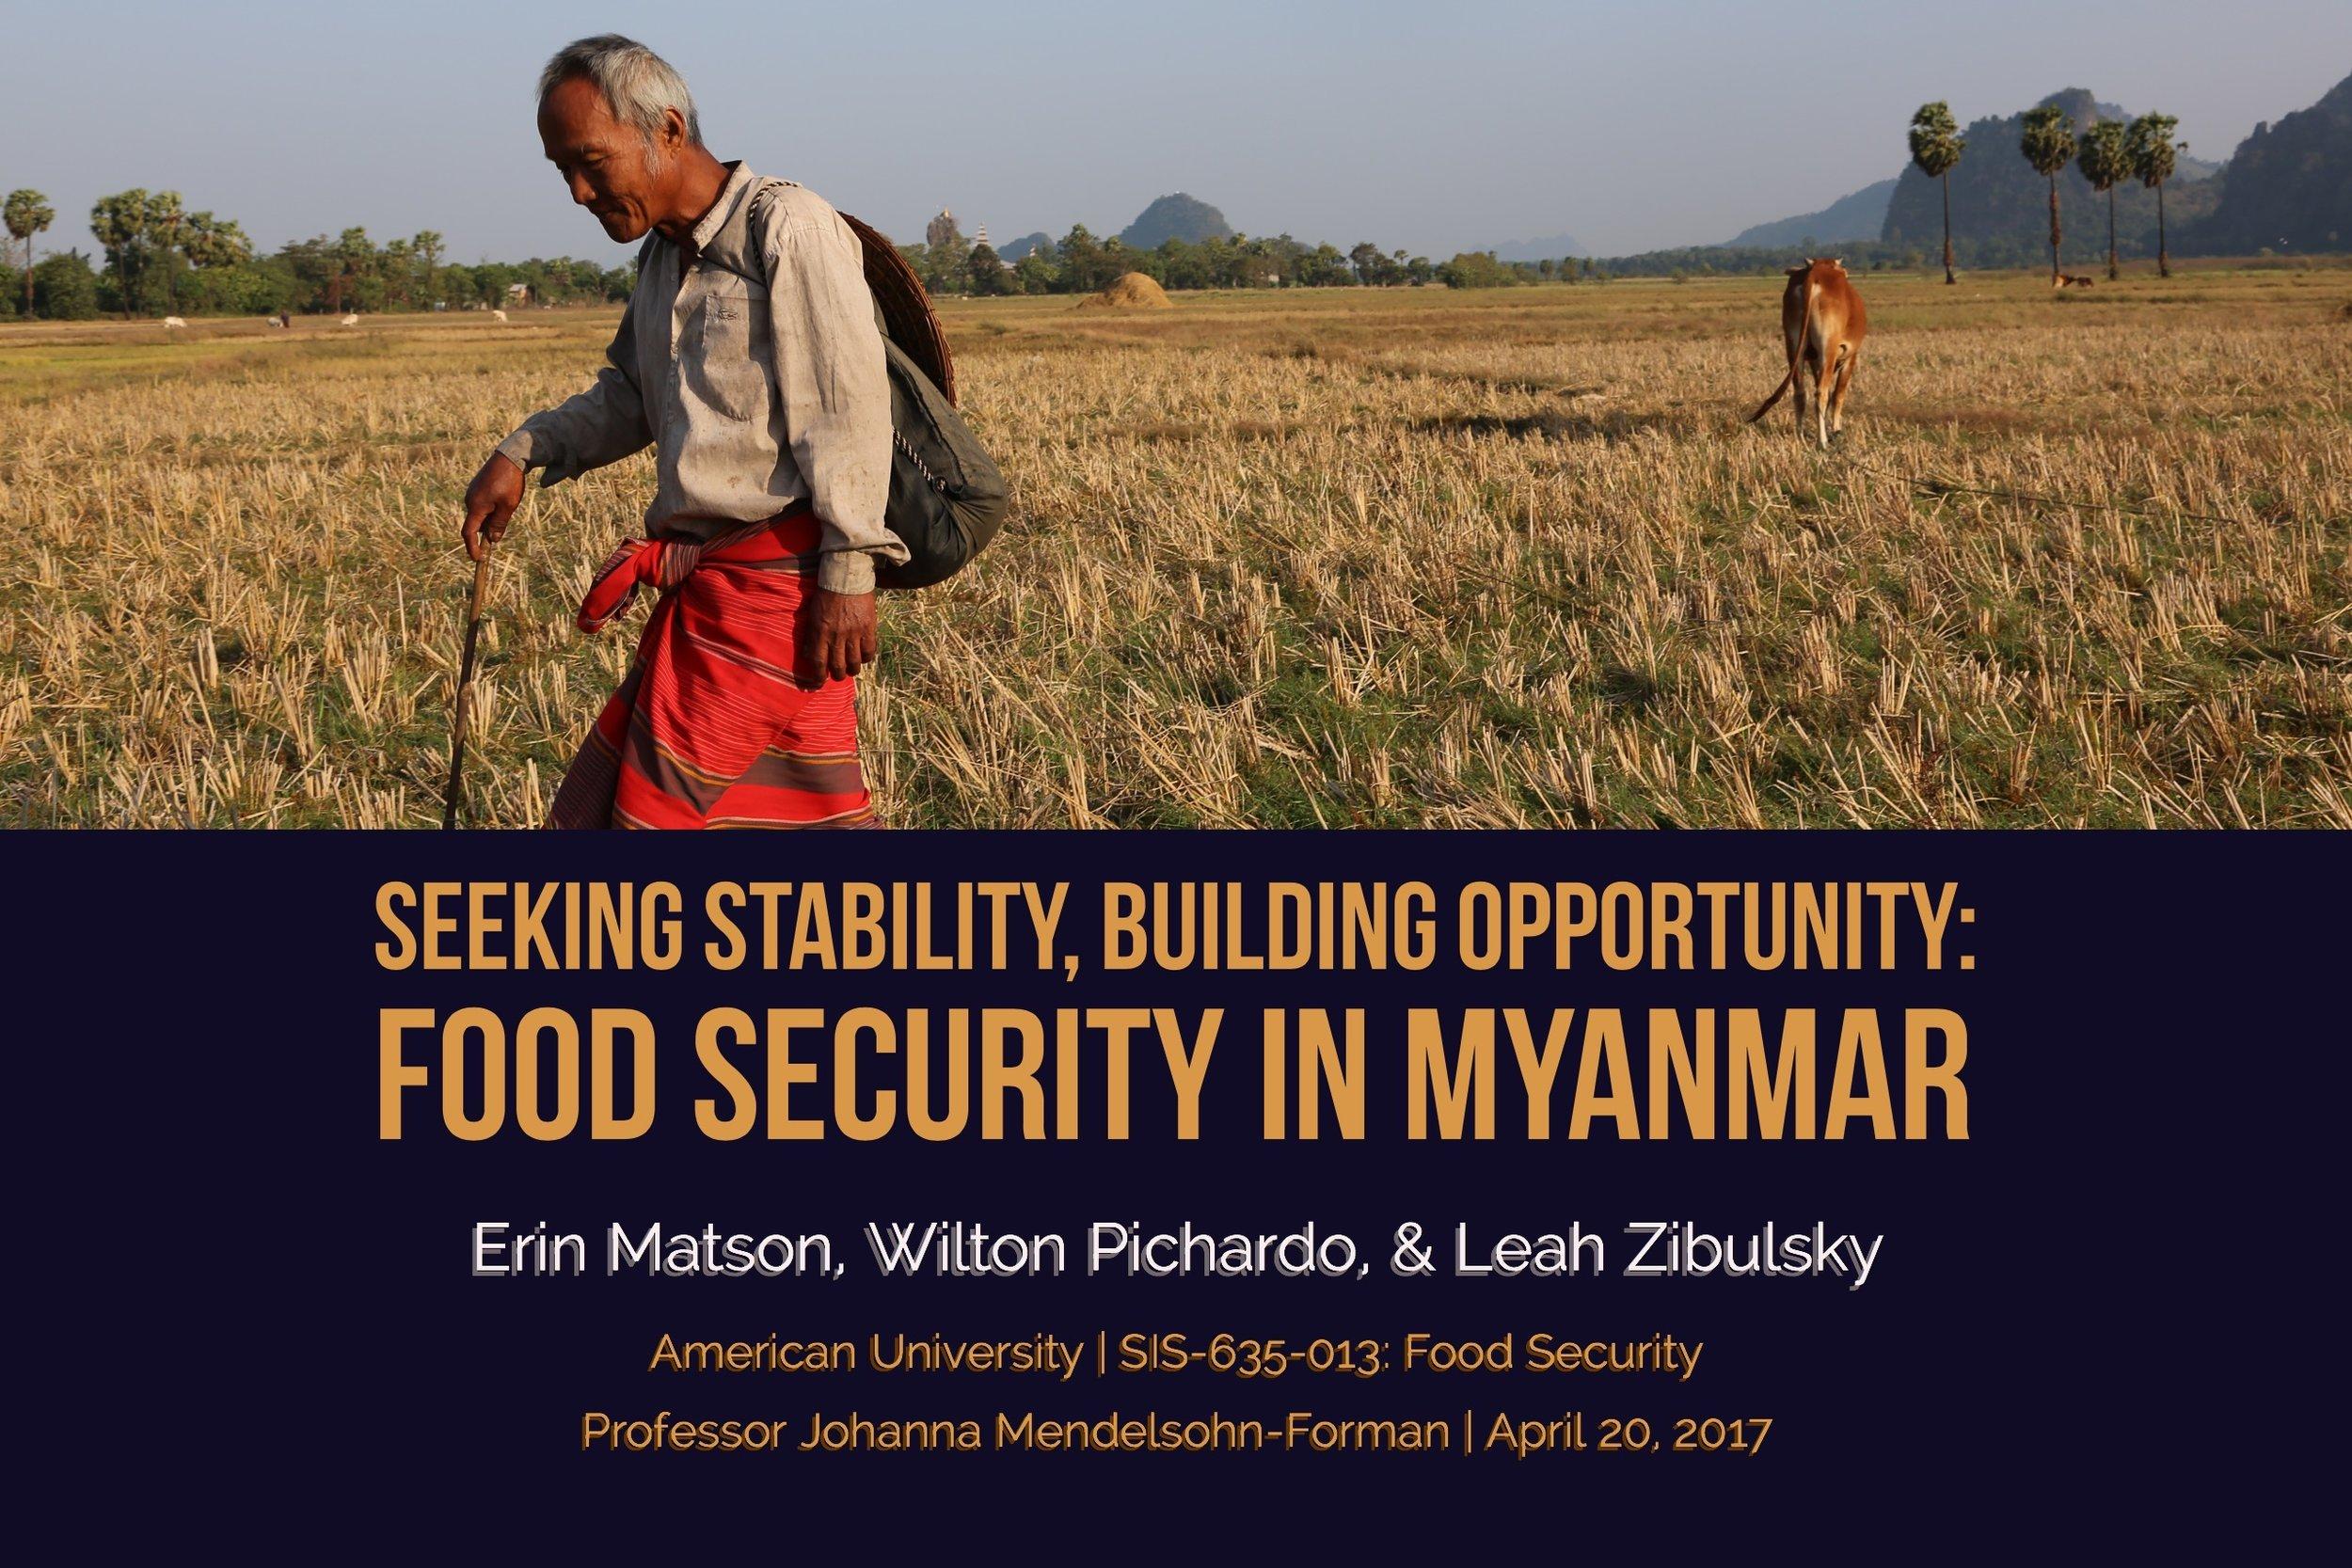 Myanmar food security powerpoint cover.jpg